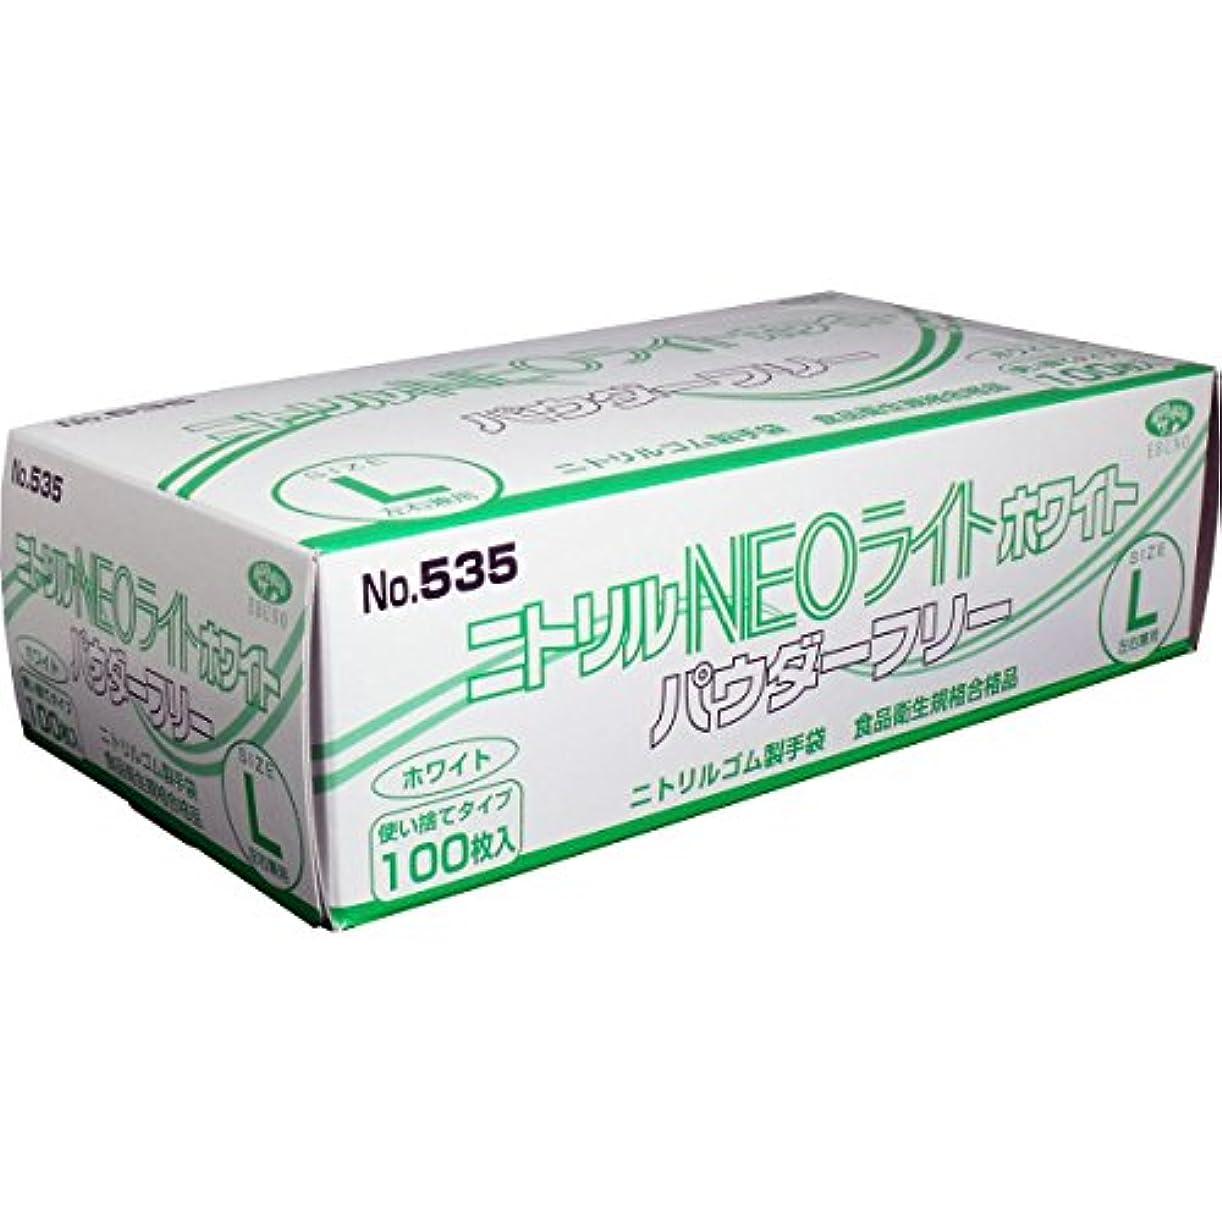 ヒロイン雑品冷酷なニトリル手袋 NEOライト パウダーフリー ホワイト Lサイズ 100枚入(単品)